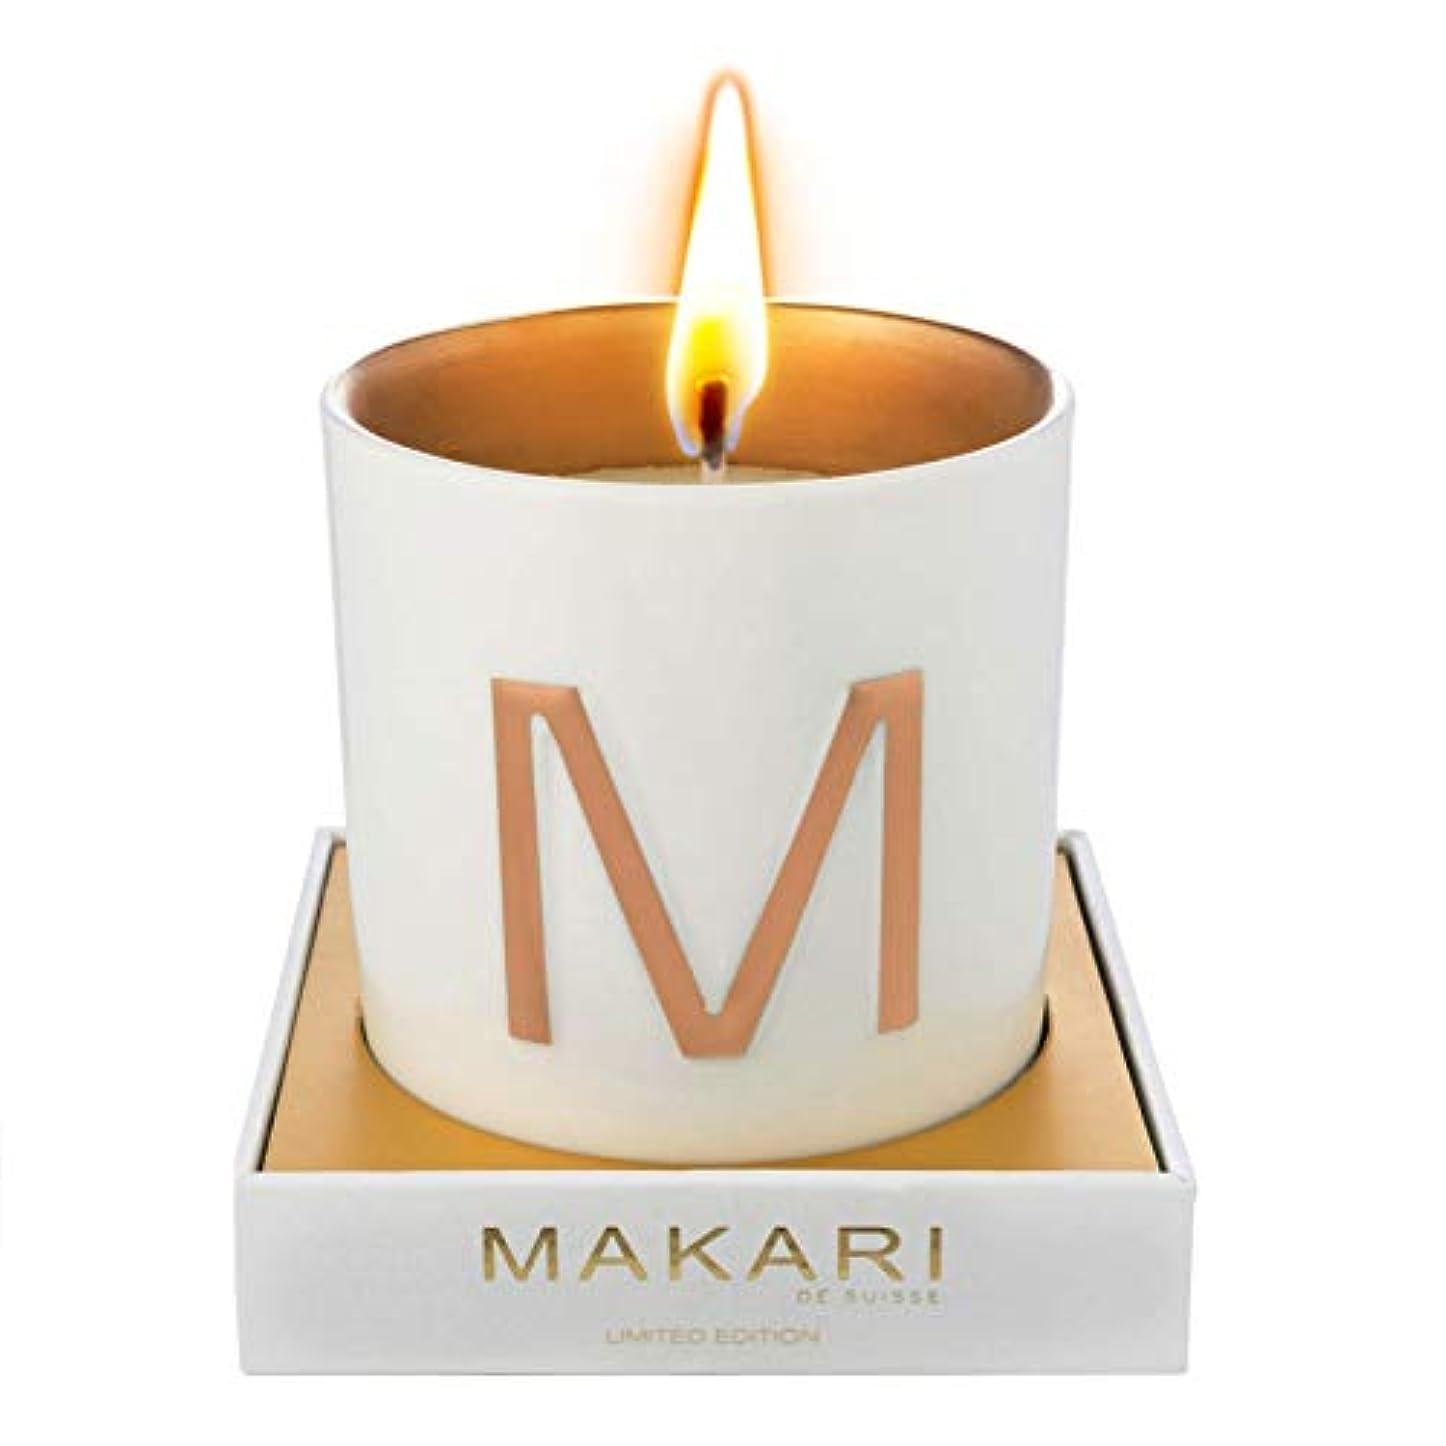 キノコ小競り合い教育するMAKARI フレグランス付き家庭&バス用キャンドル -完全天然素材ソイワックスにラグジュリアスな香りを染み込ませています。ラベンダー、クローブ、ローズの香り|女性へのプレゼントに|コーヒーテーブルのアクセントに|長時間燃焼...